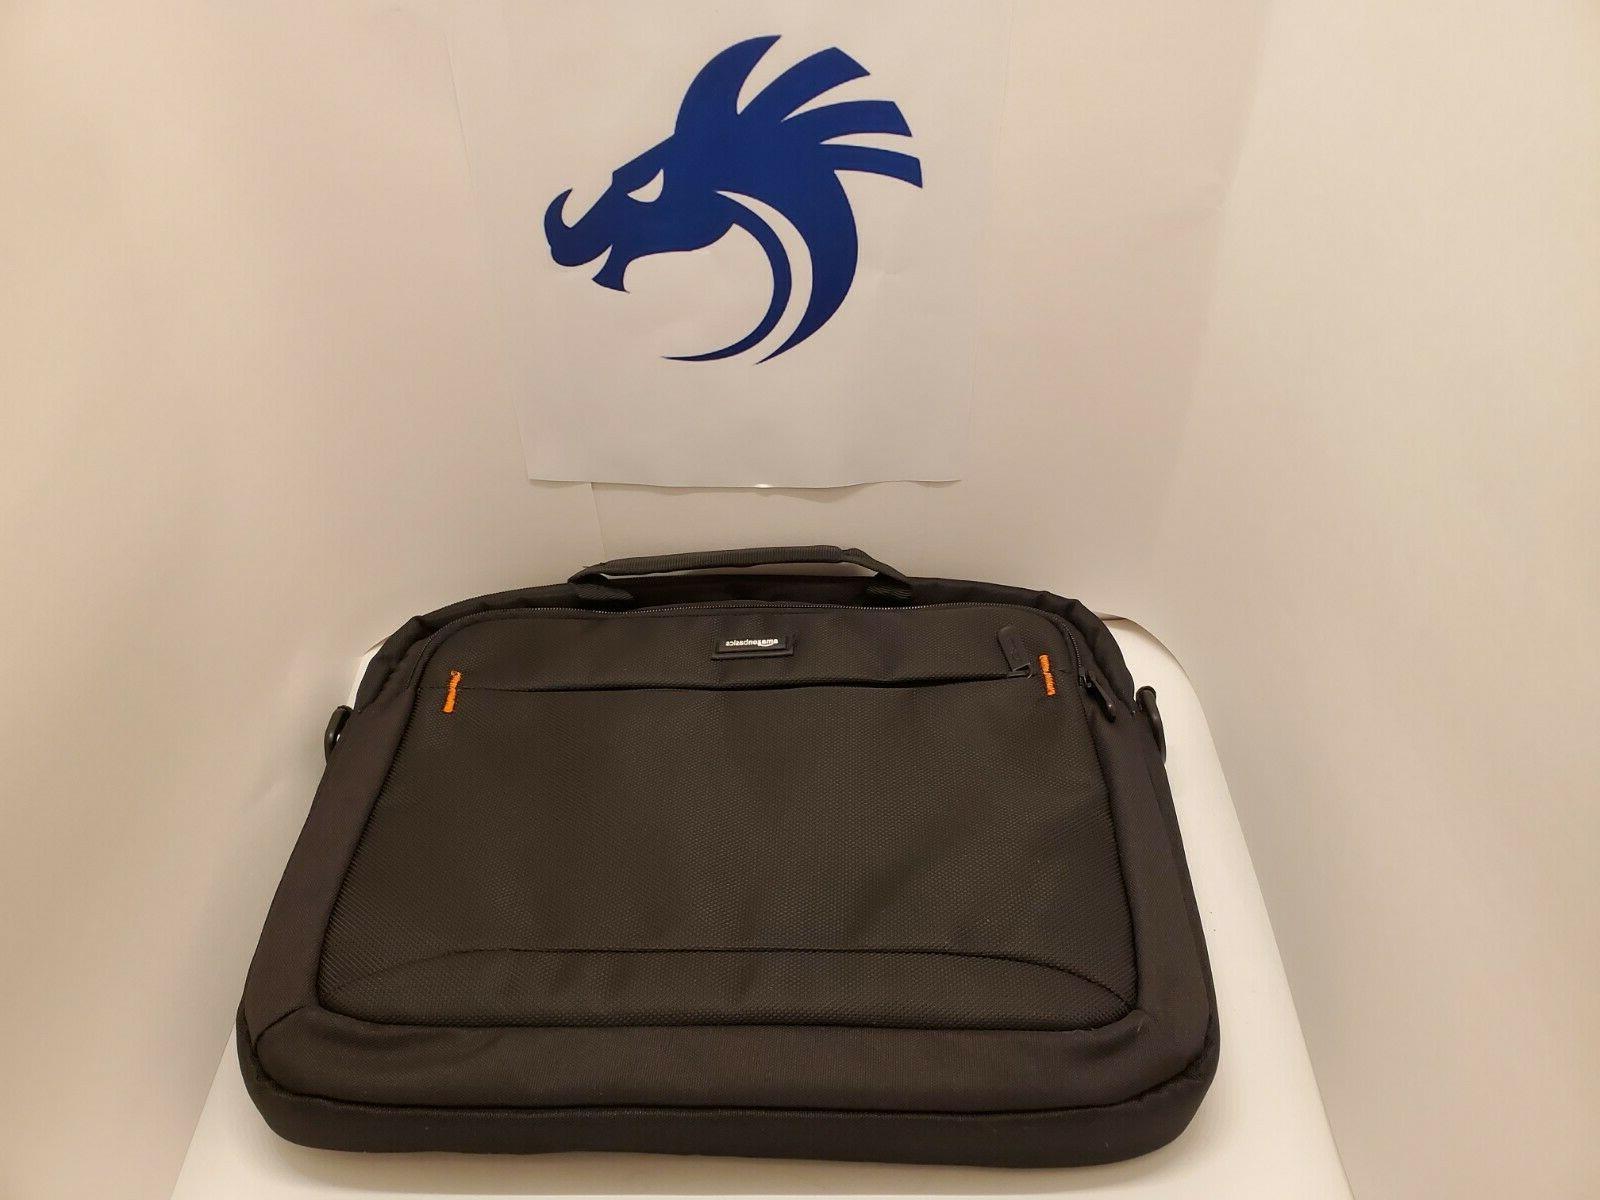 14 inch laptop macbook and tablet shoulder